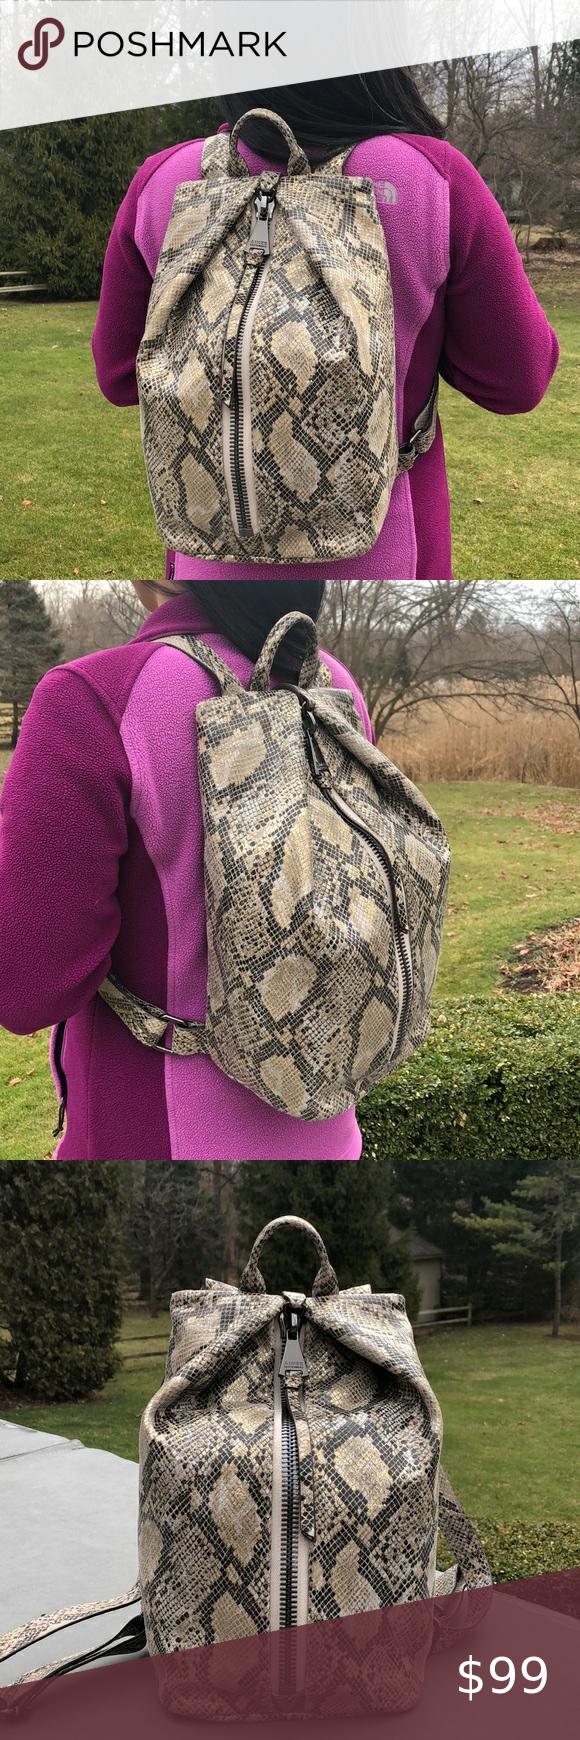 AIMEE KESTENBERG BACKPACK in 2020   Backpacks, Bags, Aimee